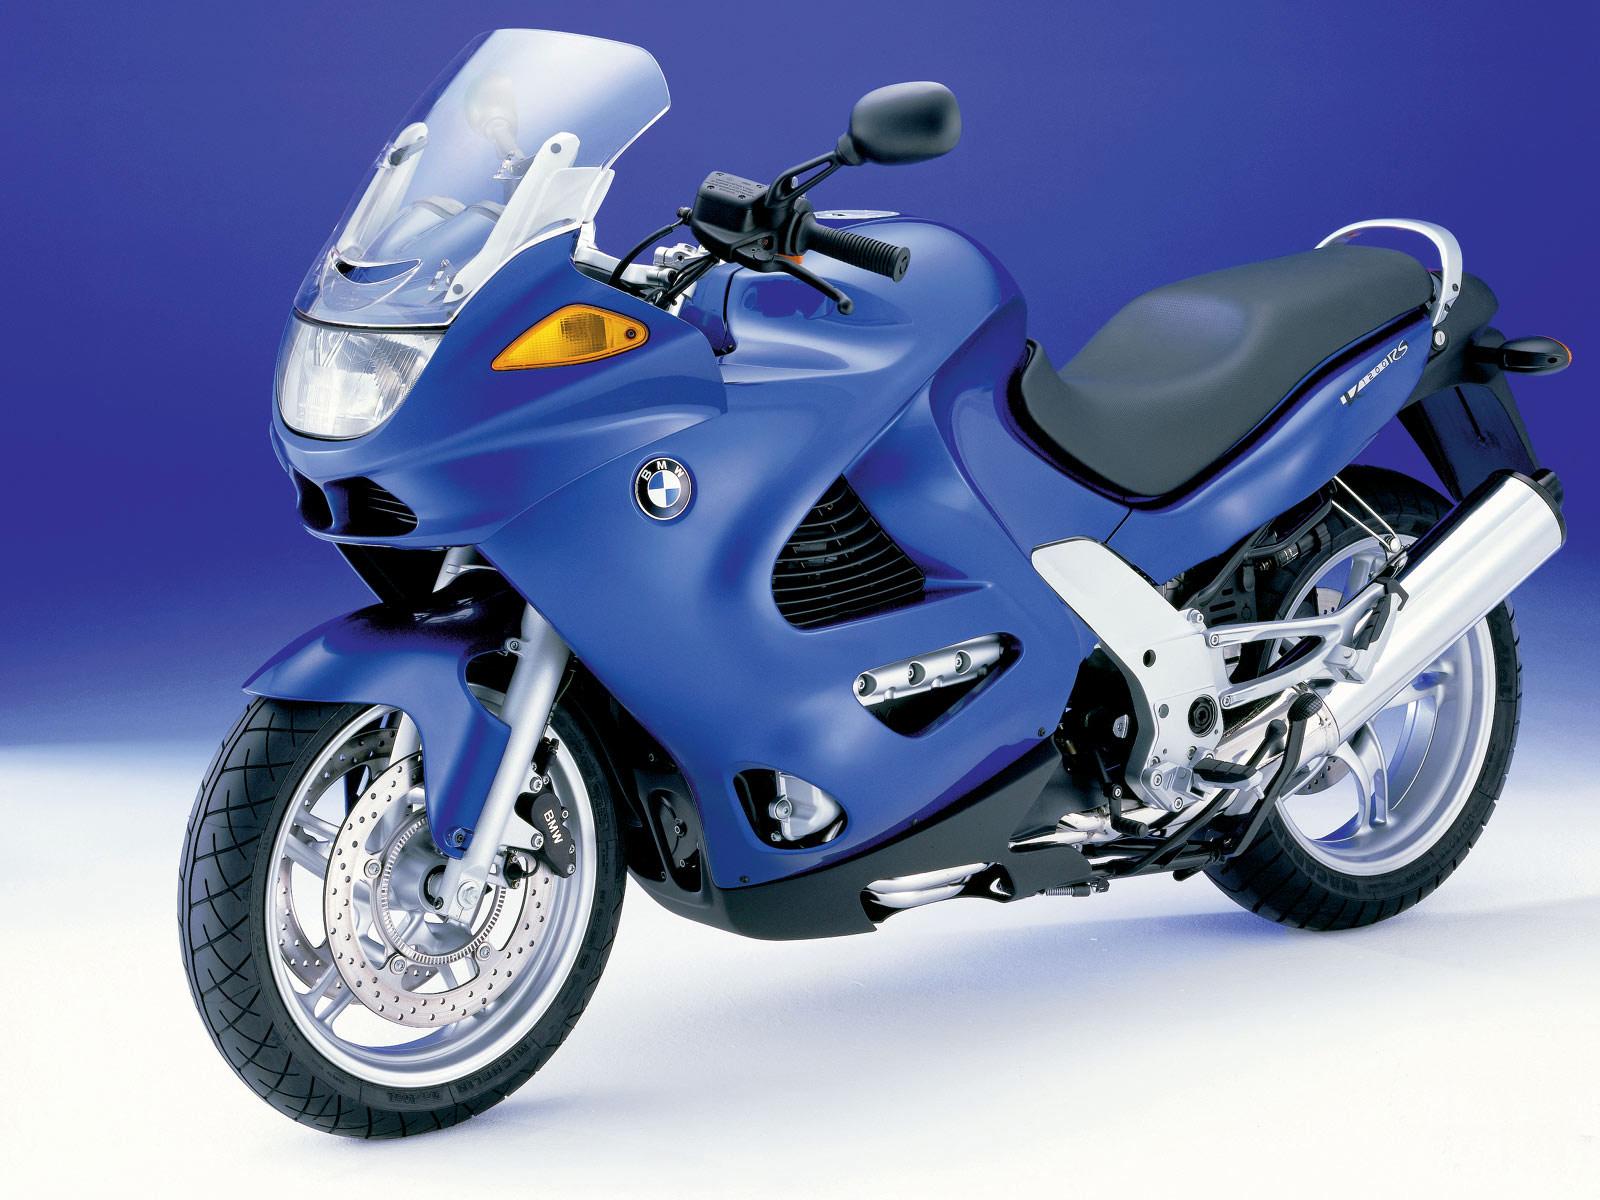 2001 bmw k1200rs motorcycle insurance information. Black Bedroom Furniture Sets. Home Design Ideas